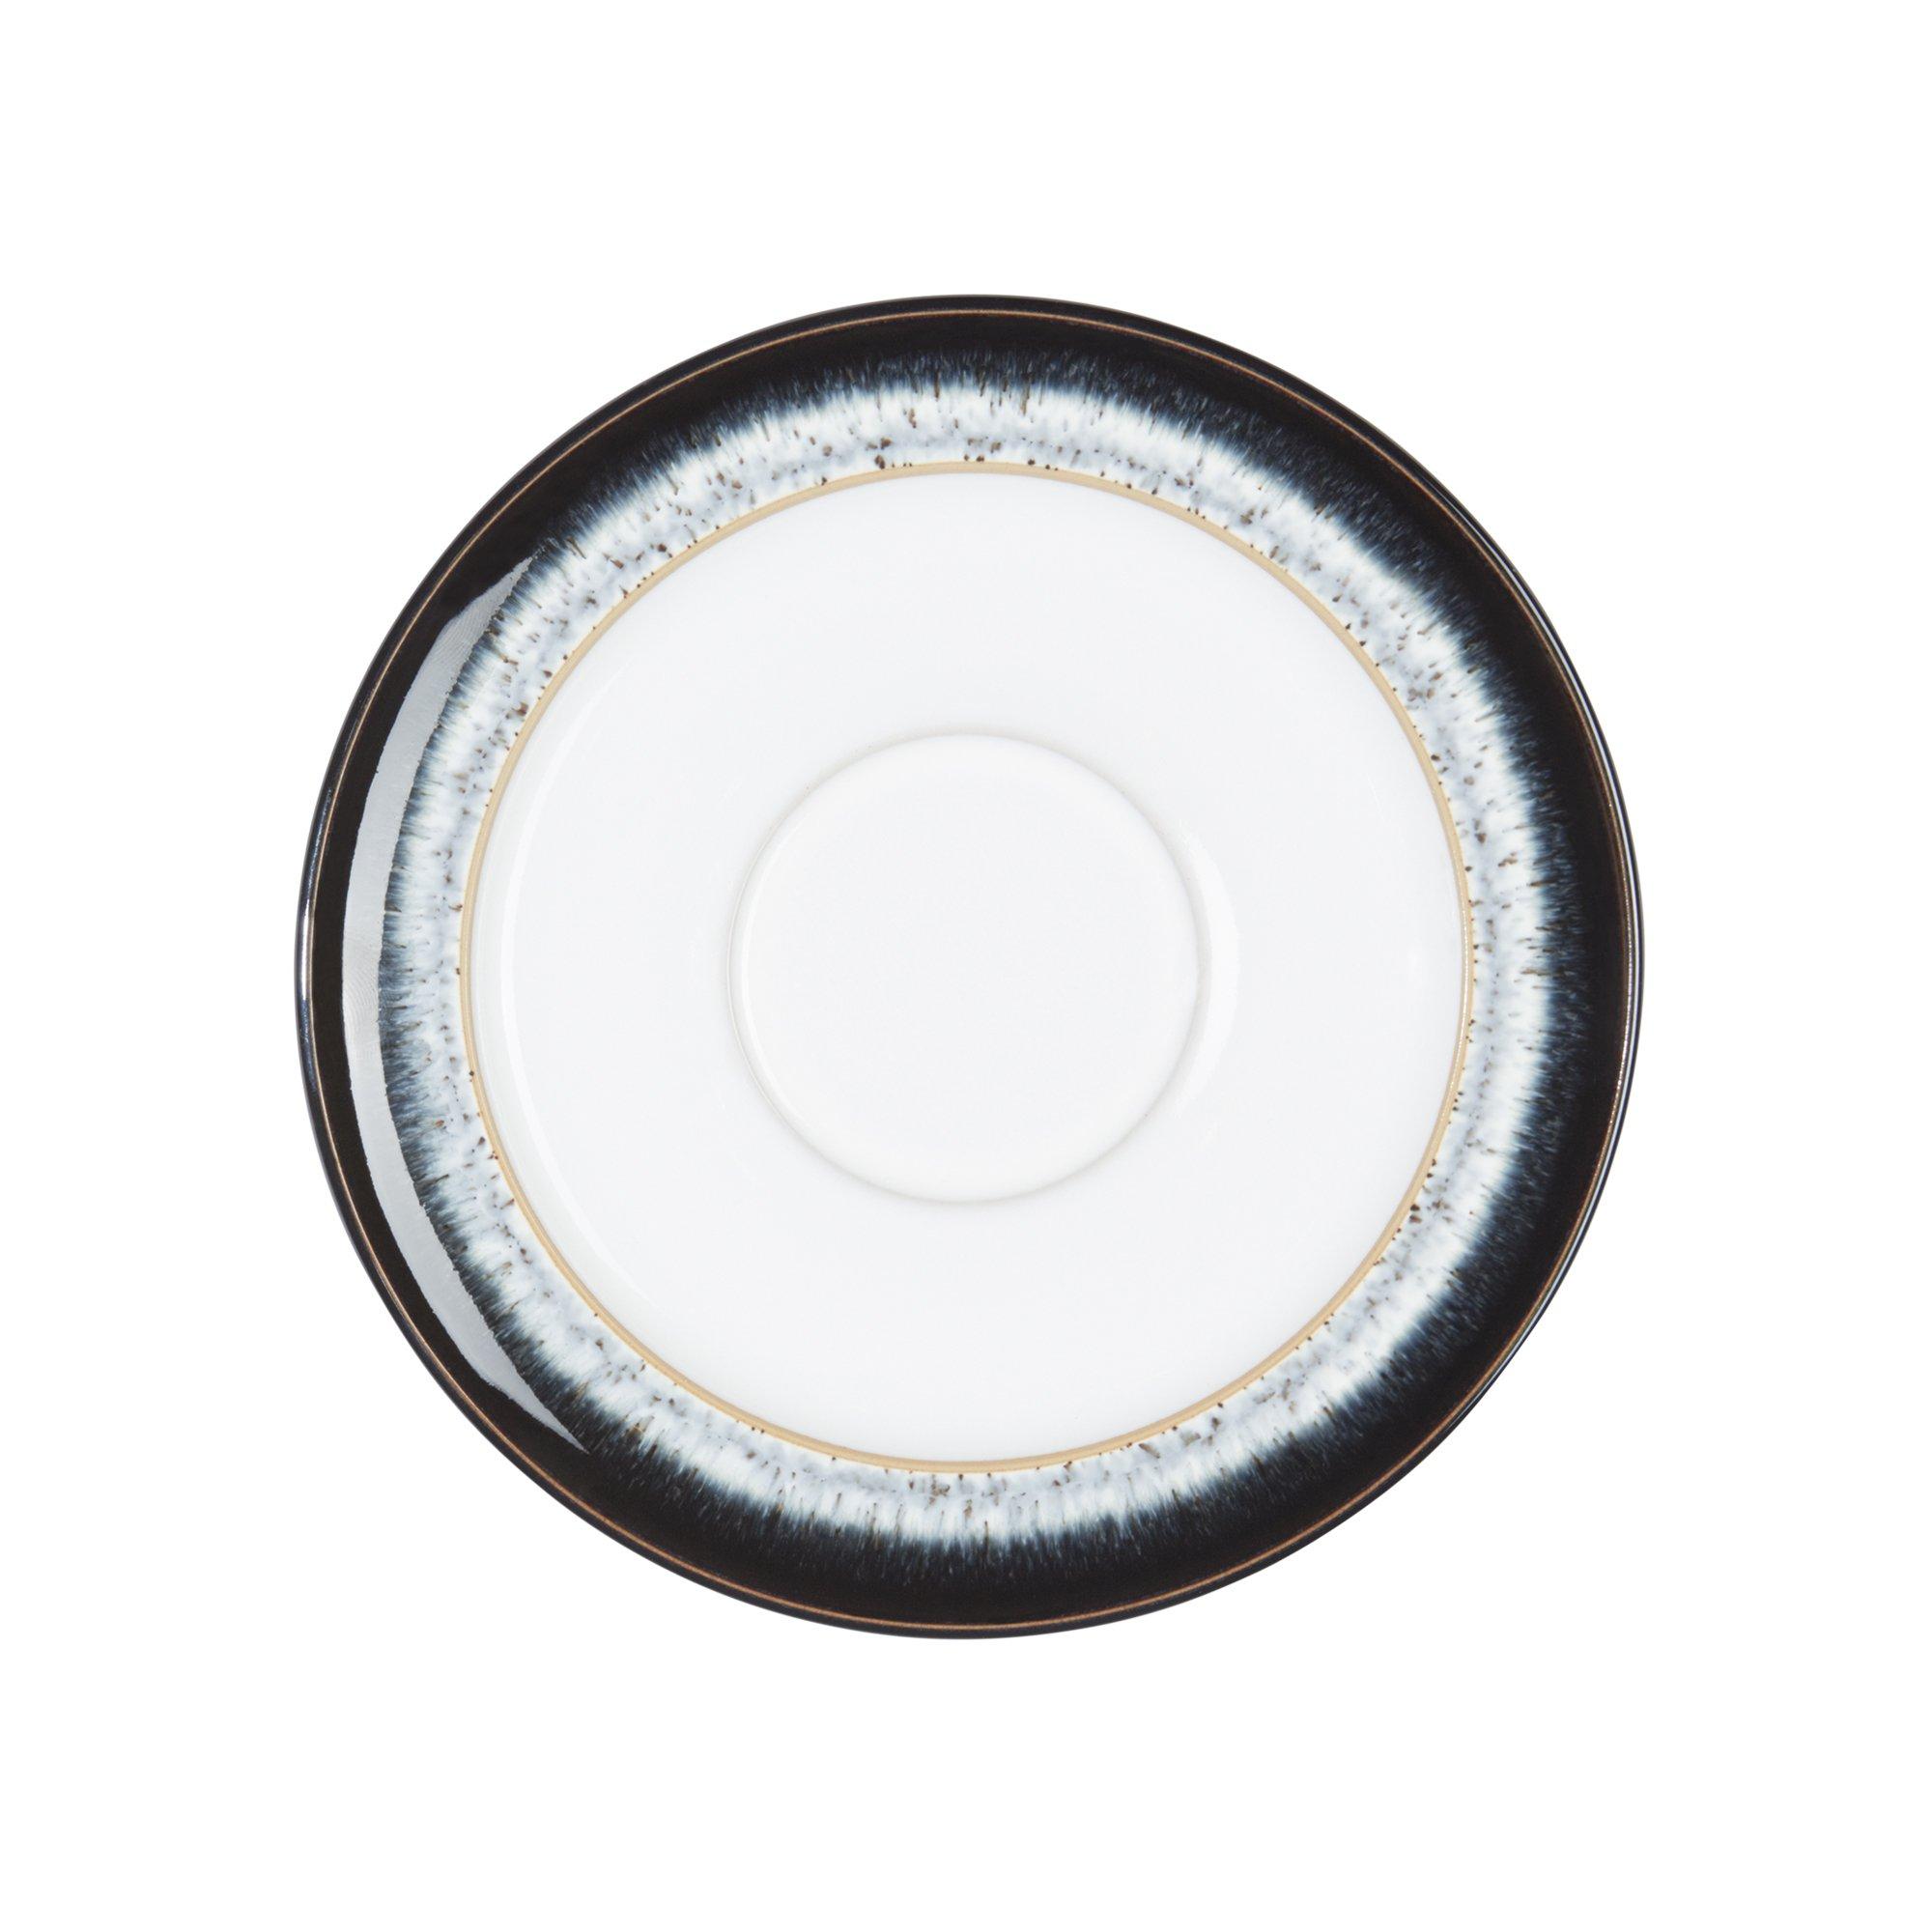 Denby Halo Wide Rimmed Tea Saucer by Denby (Image #1)